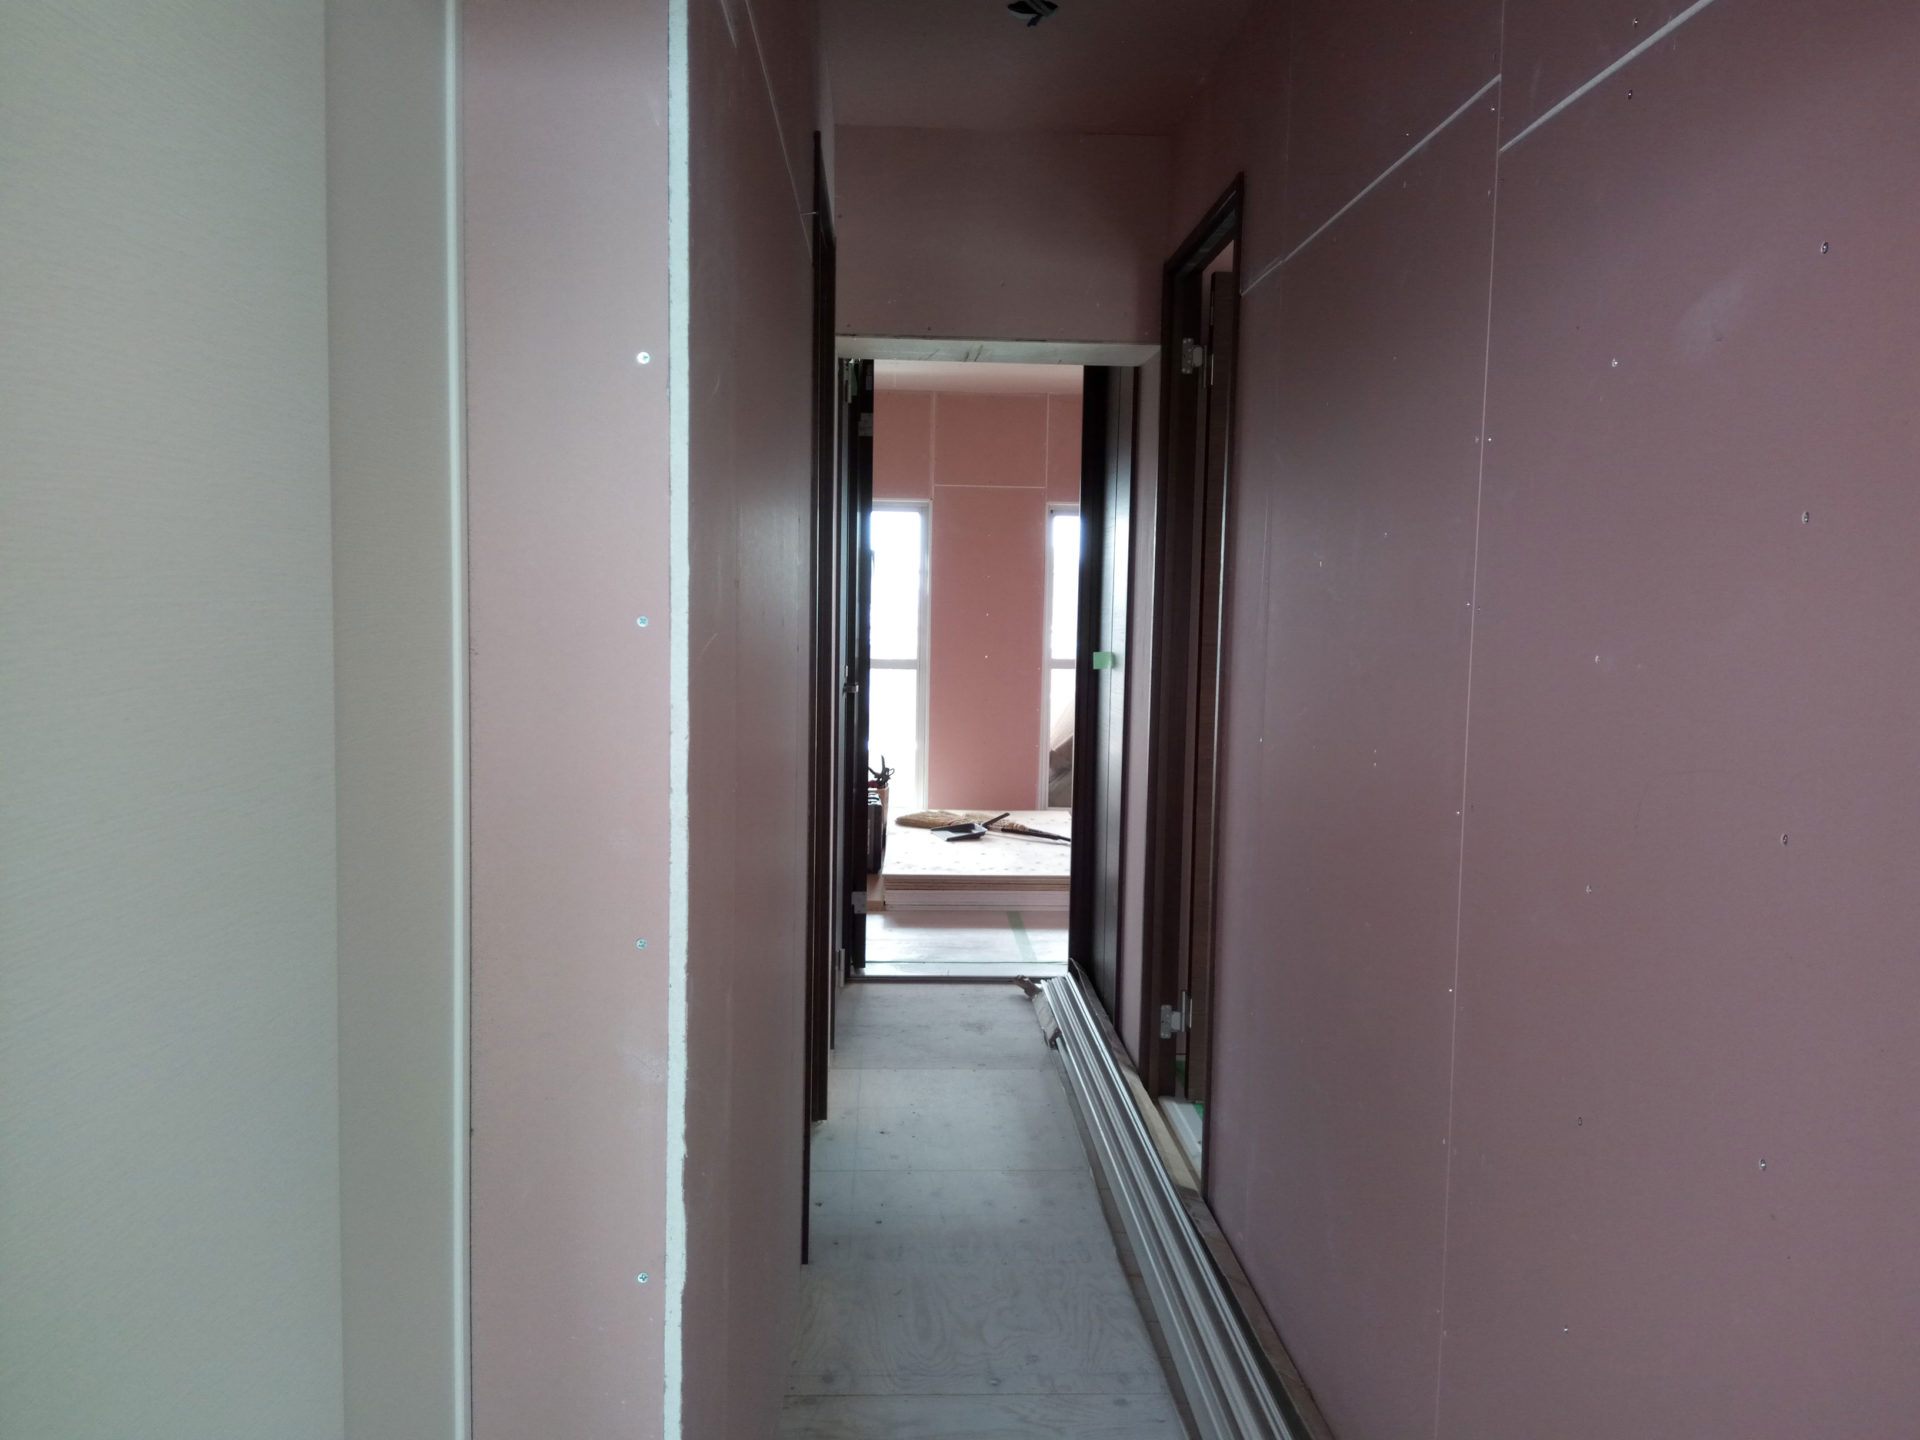 2017年06月12日こちらは、玄関から入ってすぐの廊下